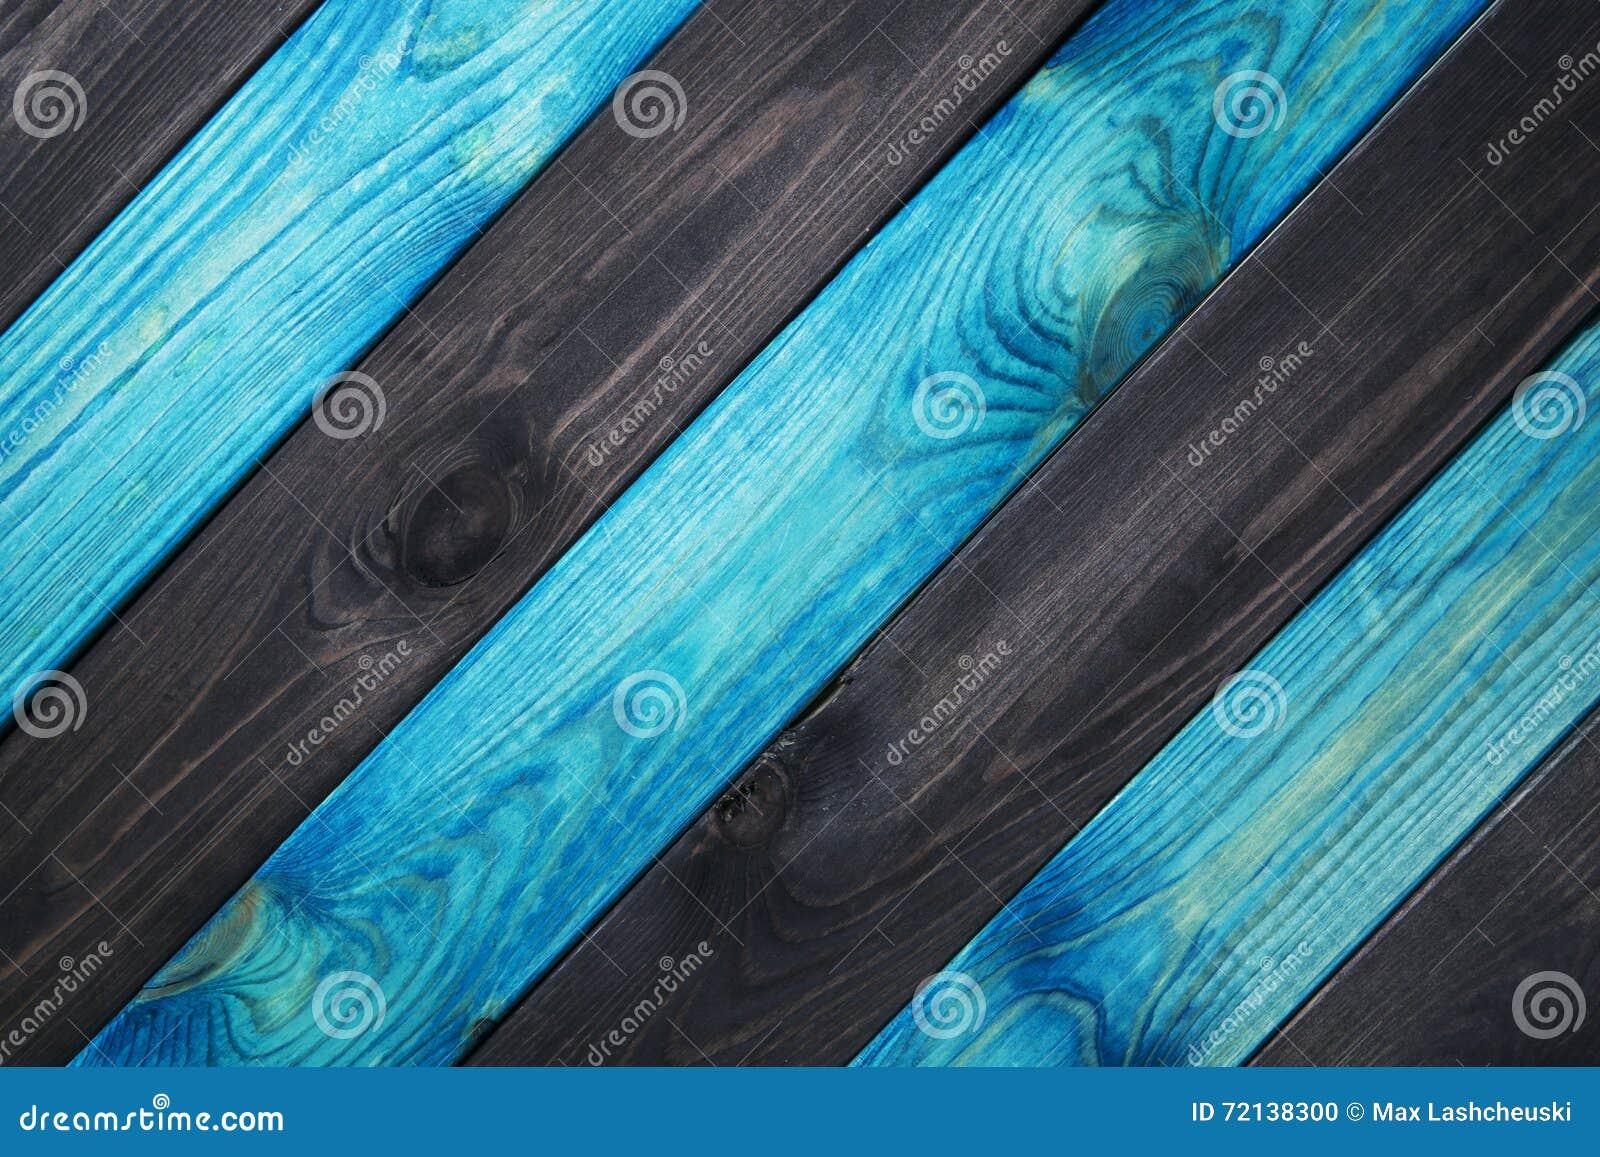 Azul e escuro - fundo de madeira azul da textura